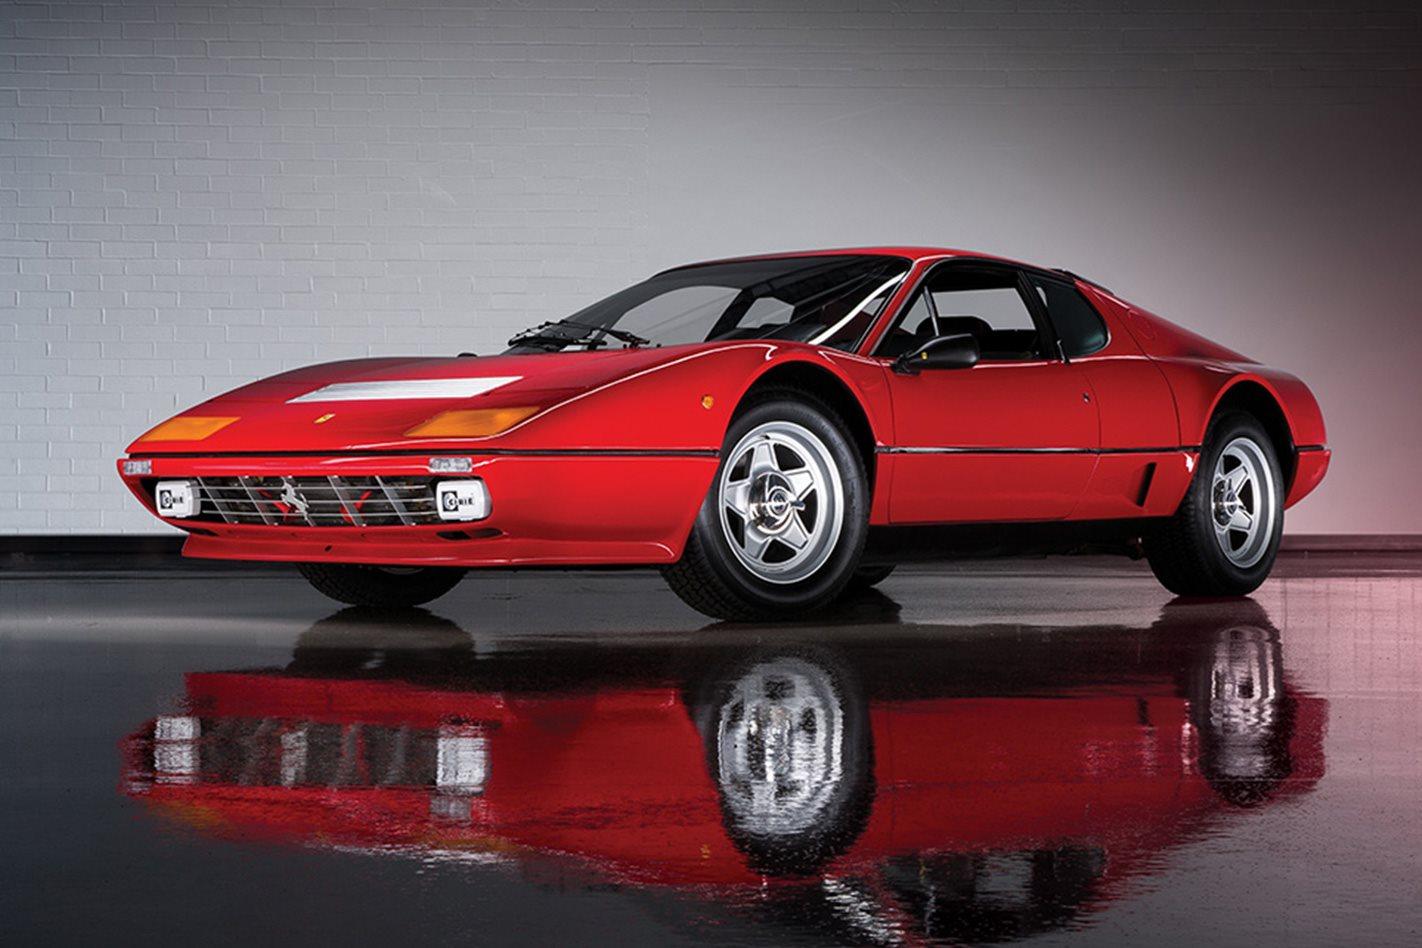 1984-Ferrari-512-BBi-front-bonnet.jpg